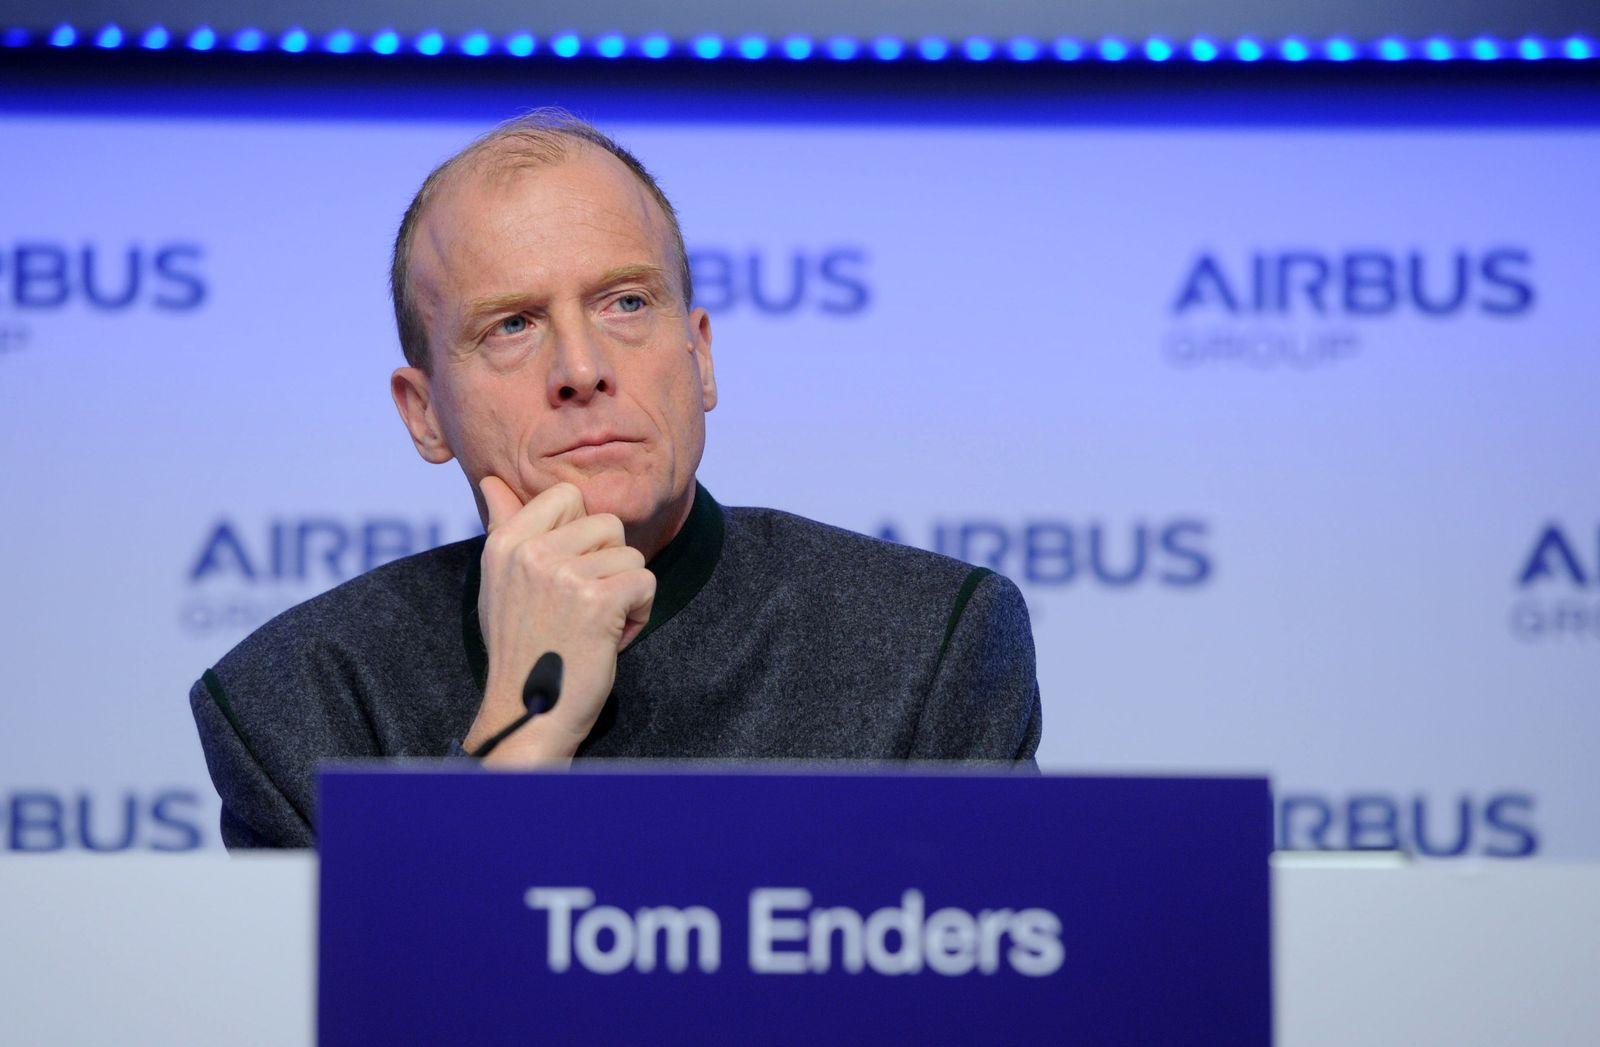 Tom Enders